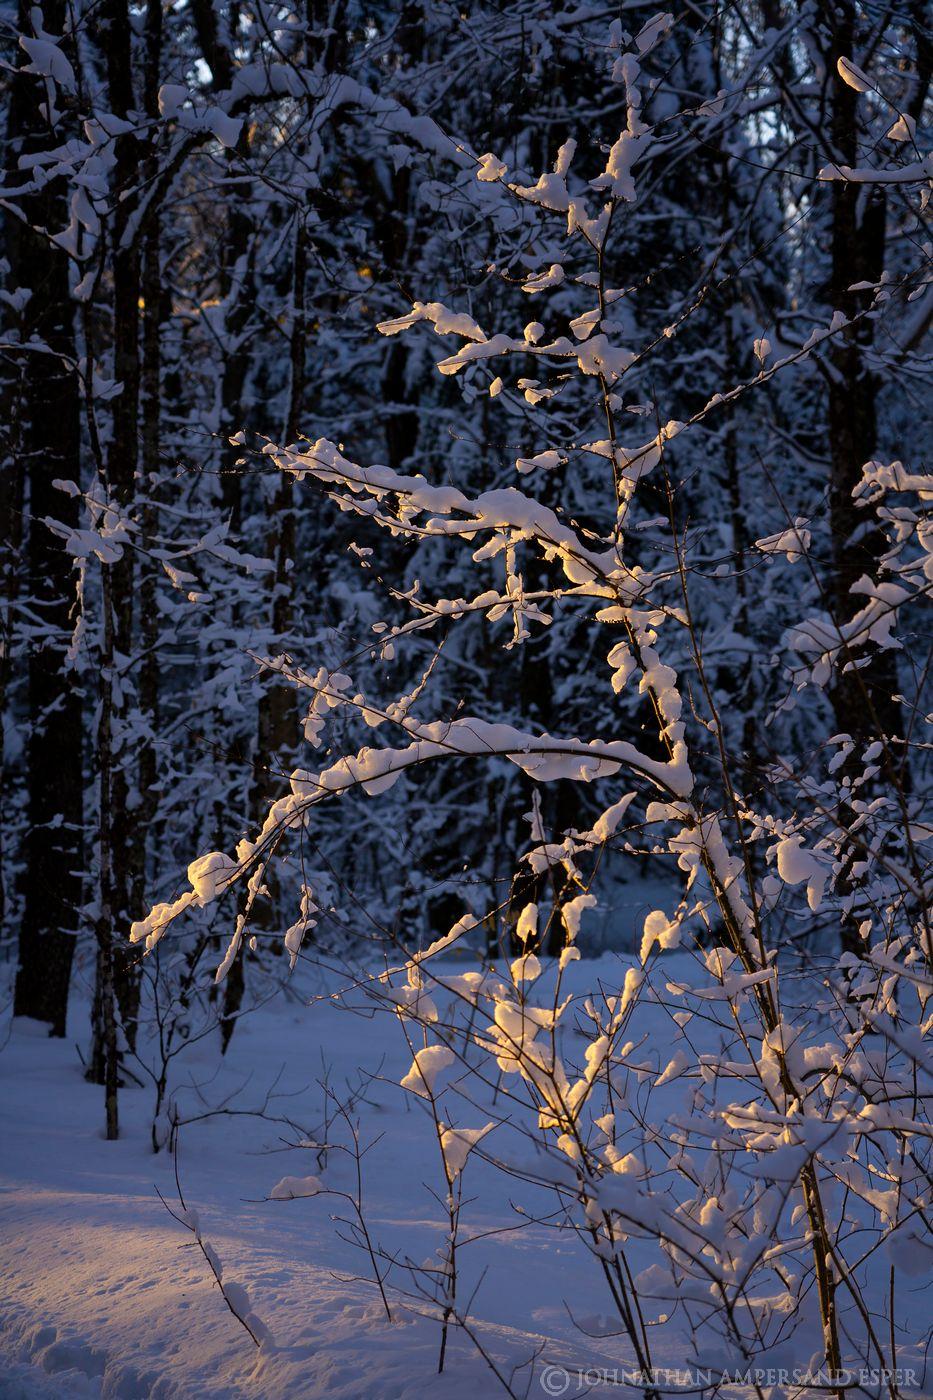 Debar Mt trail snowy forest winter 2020